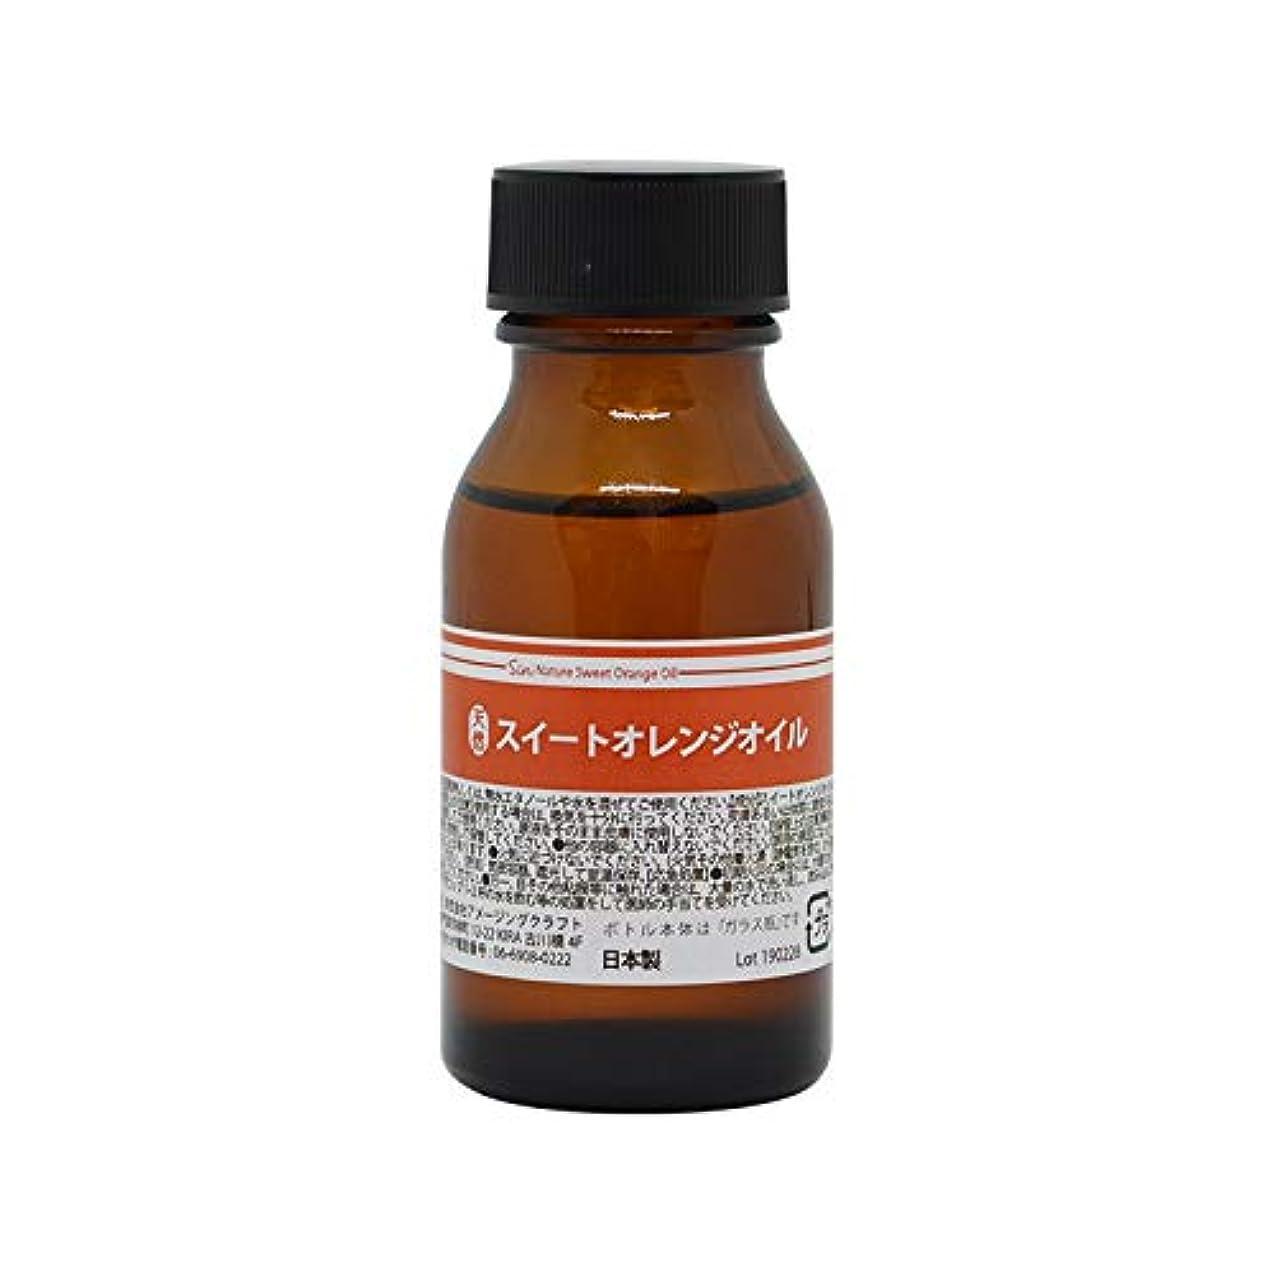 メキシコレビュアー溝天然100% スイートオレンジオイル 50ml (オレンジスイート) エッセンシャルオイル